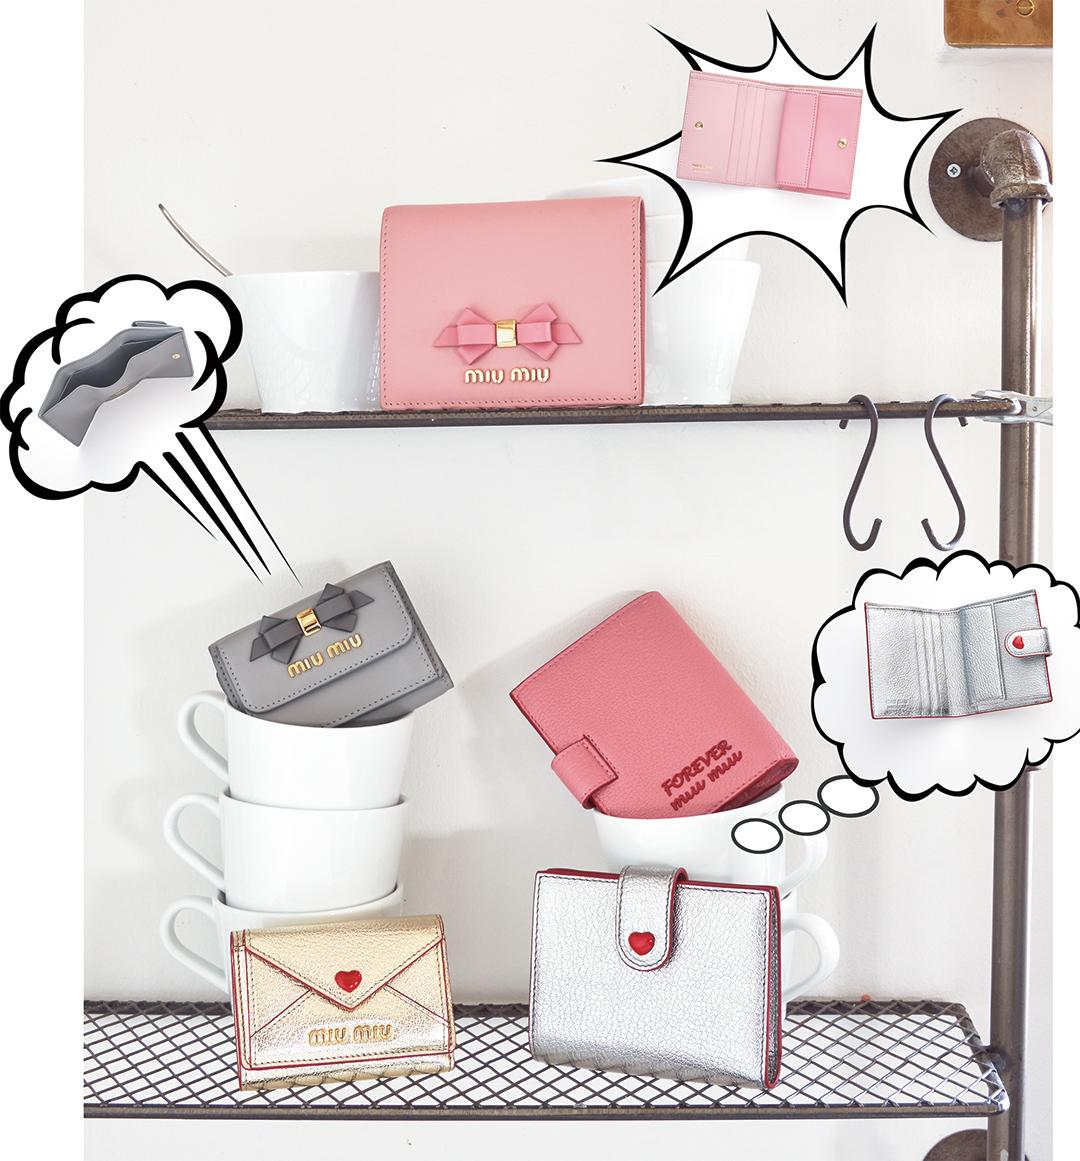 MIUMIU(ミュウミュウ)ミニ財布